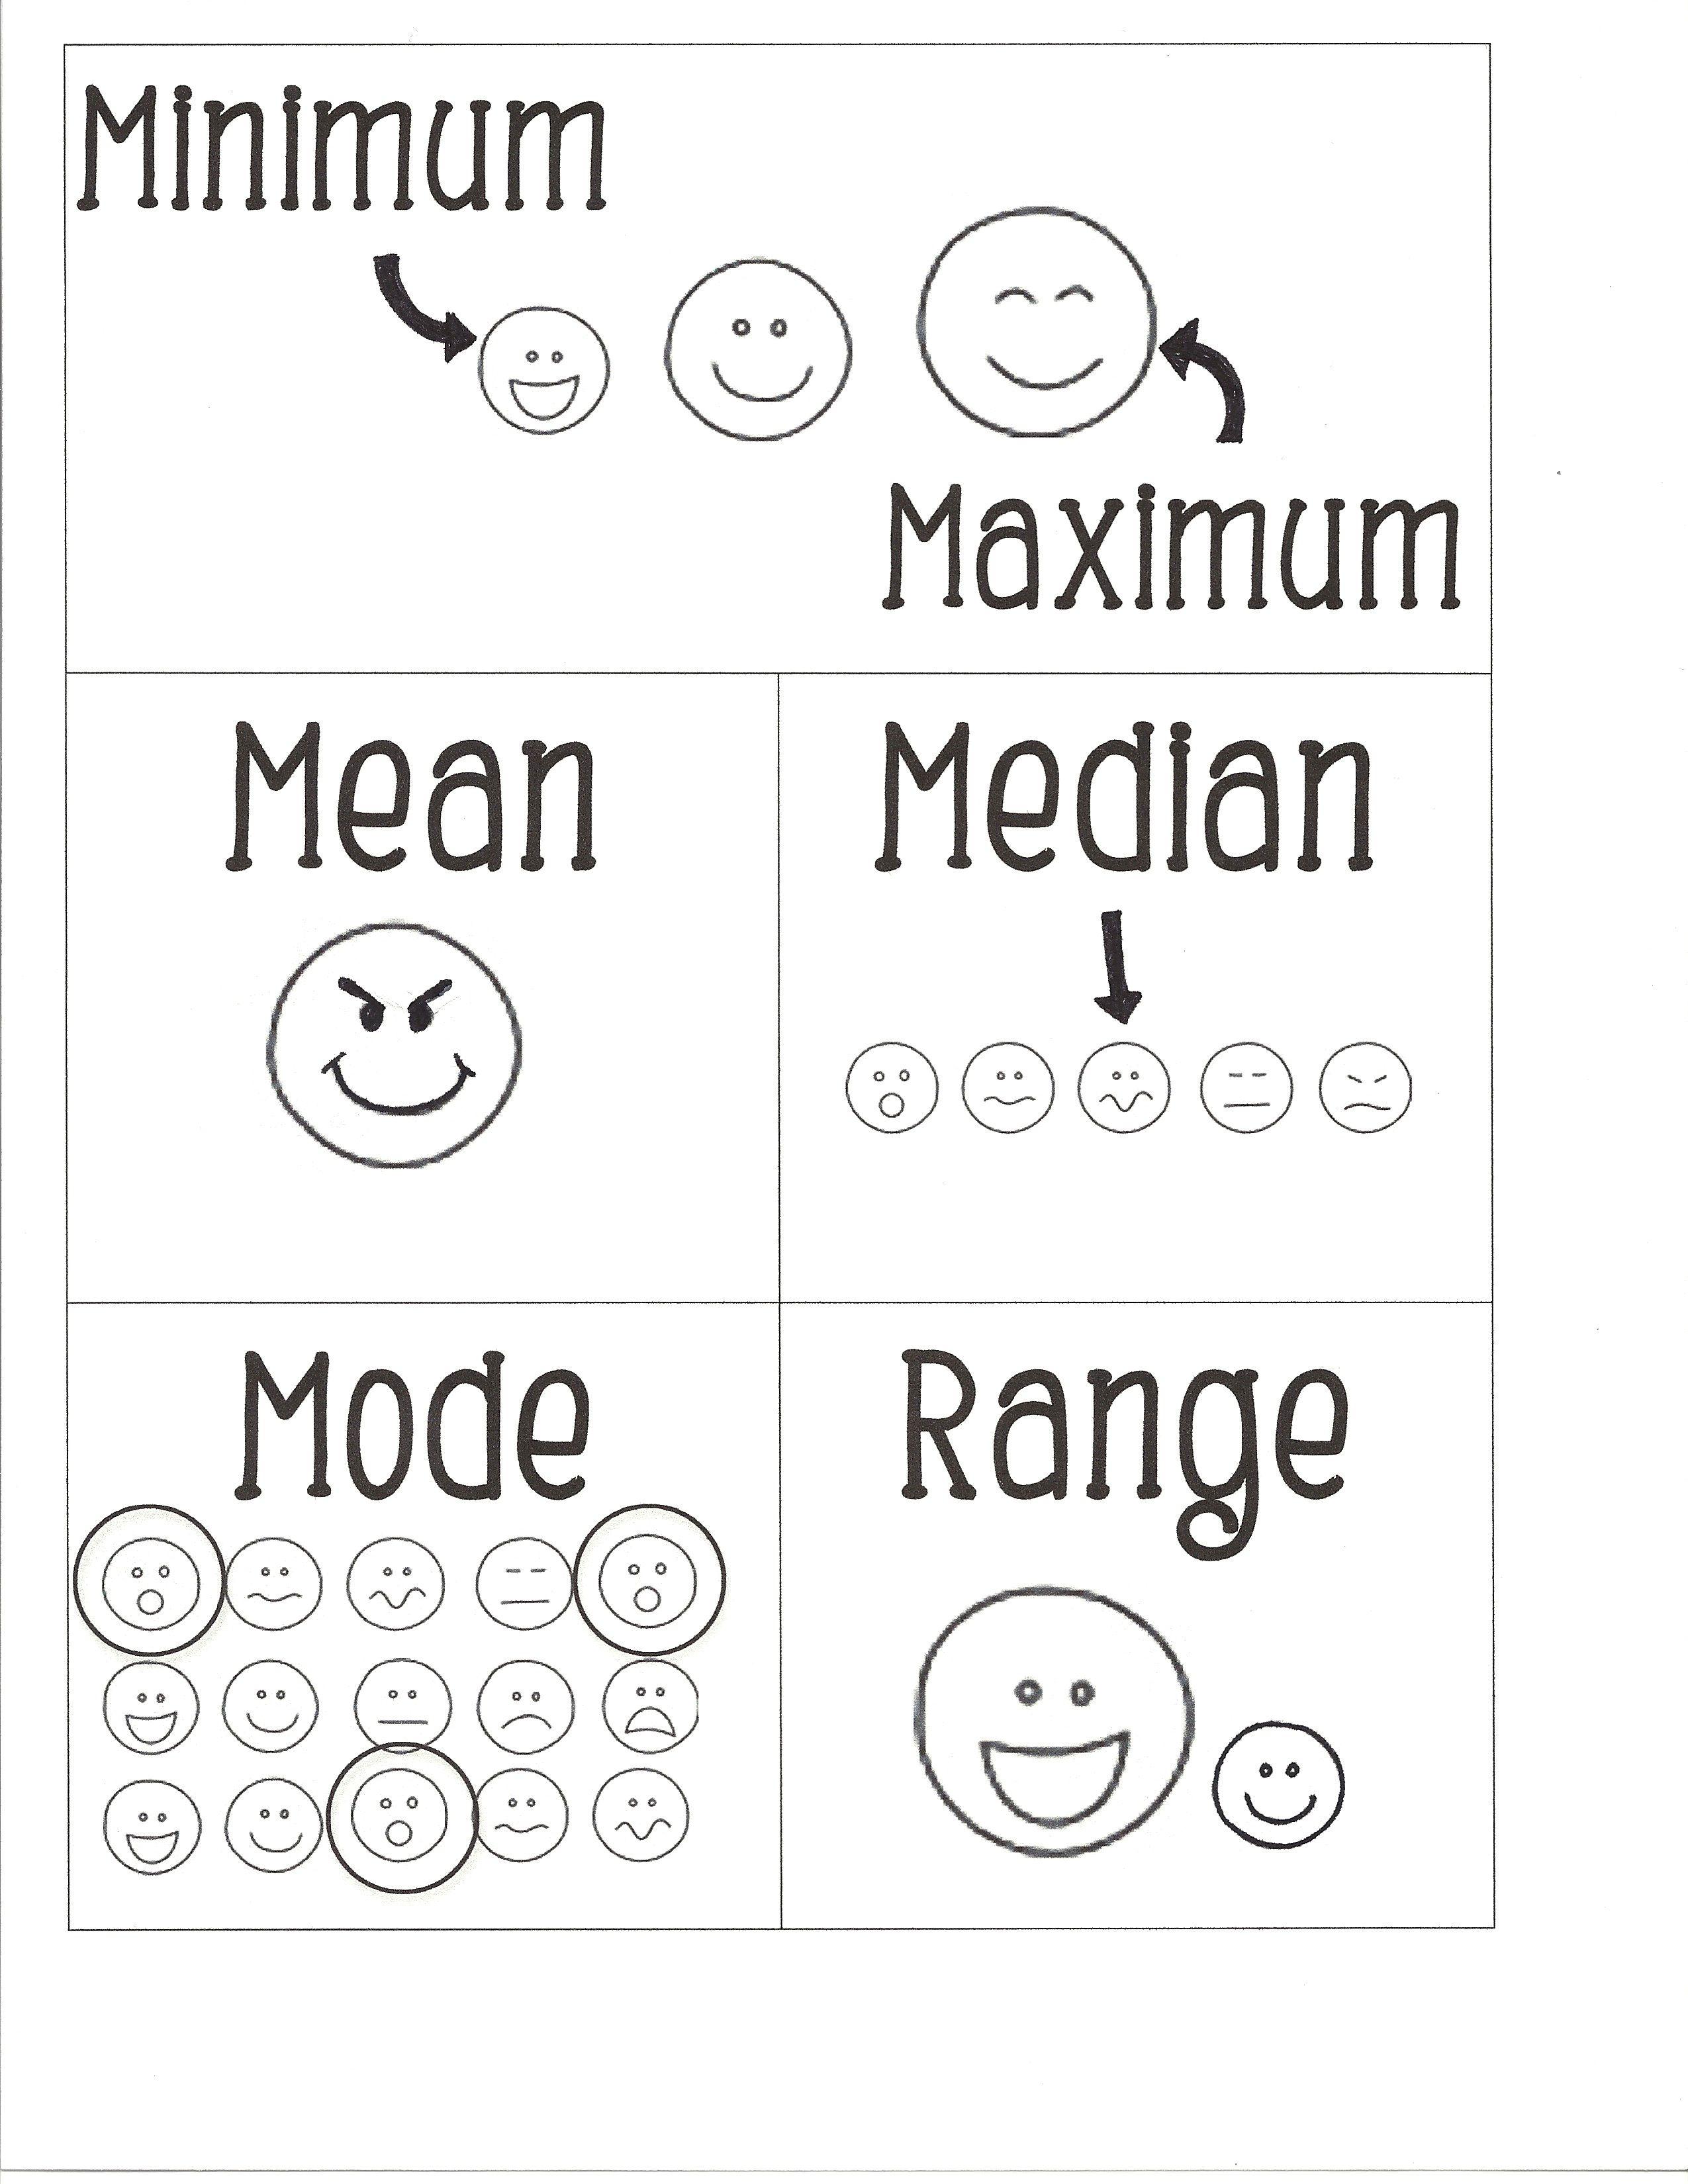 Pin by Megan Escobar (Olsen) on Math 7   Free math worksheets [ 3300 x 2550 Pixel ]